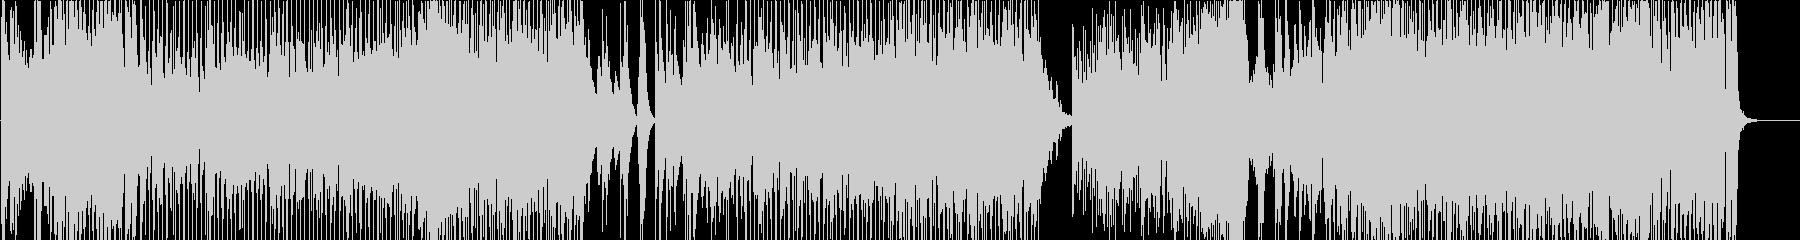 ラテン調の疾走感あふれるピアノ・トリオの未再生の波形